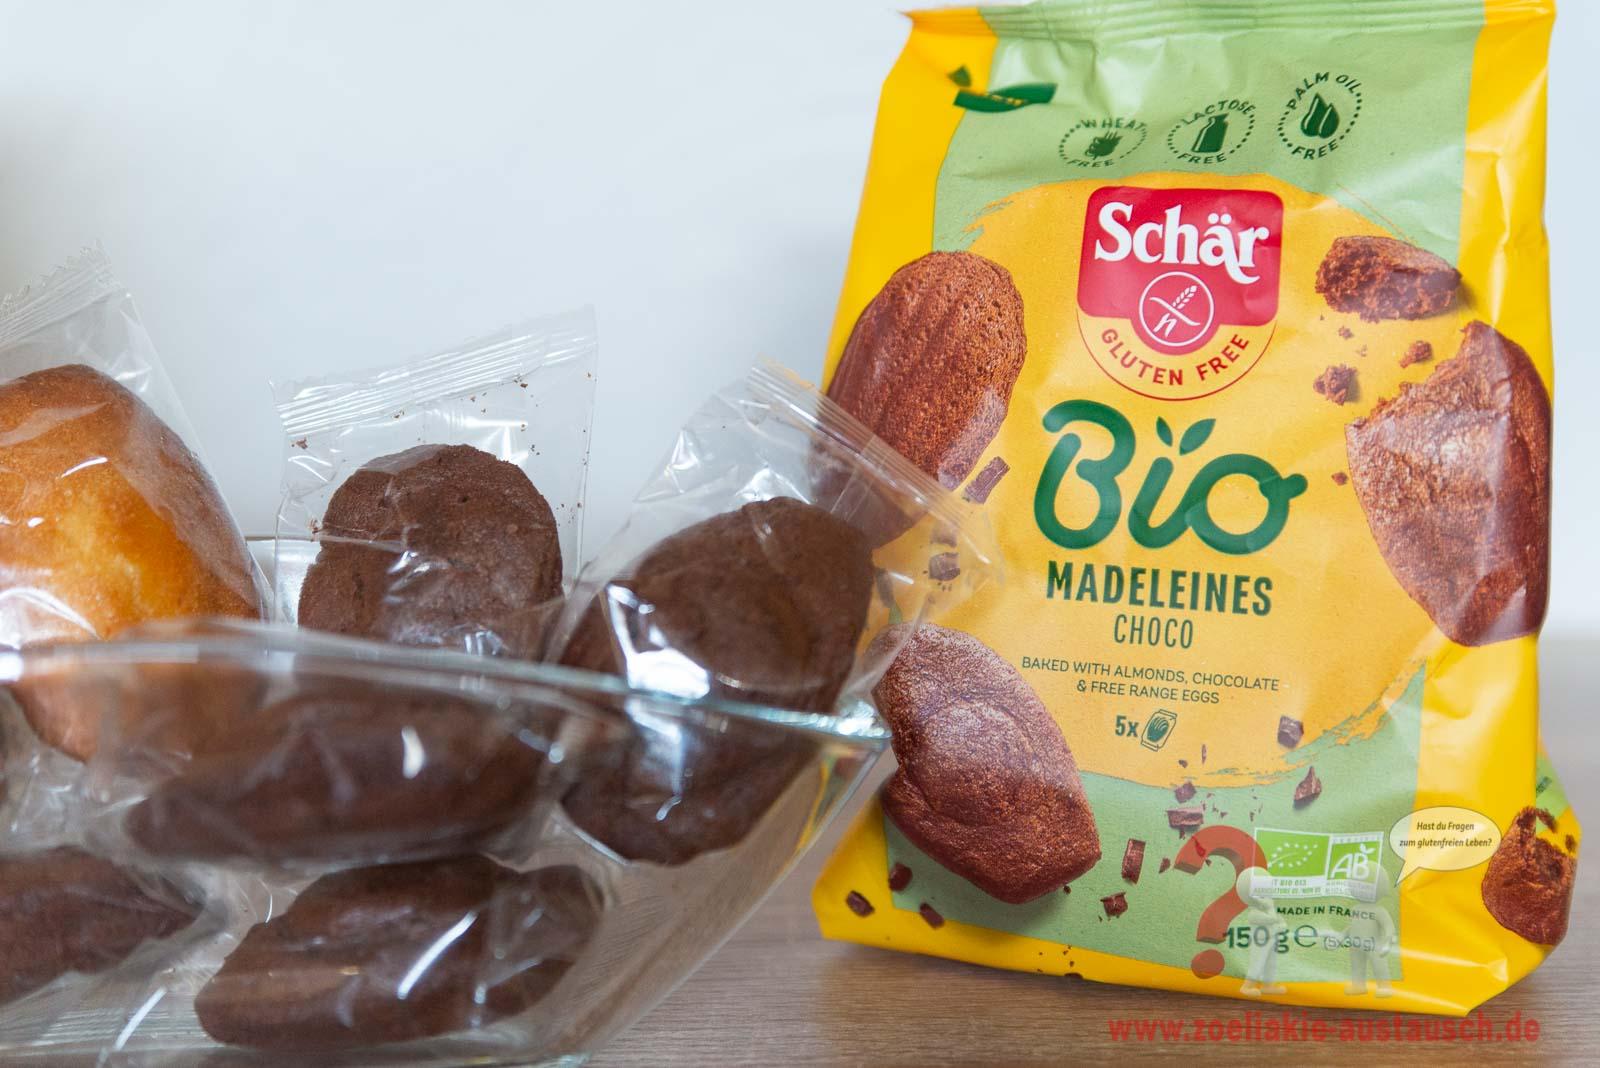 Zoeliakie_Austausch_Schaer_glutenfrei_Bio-045